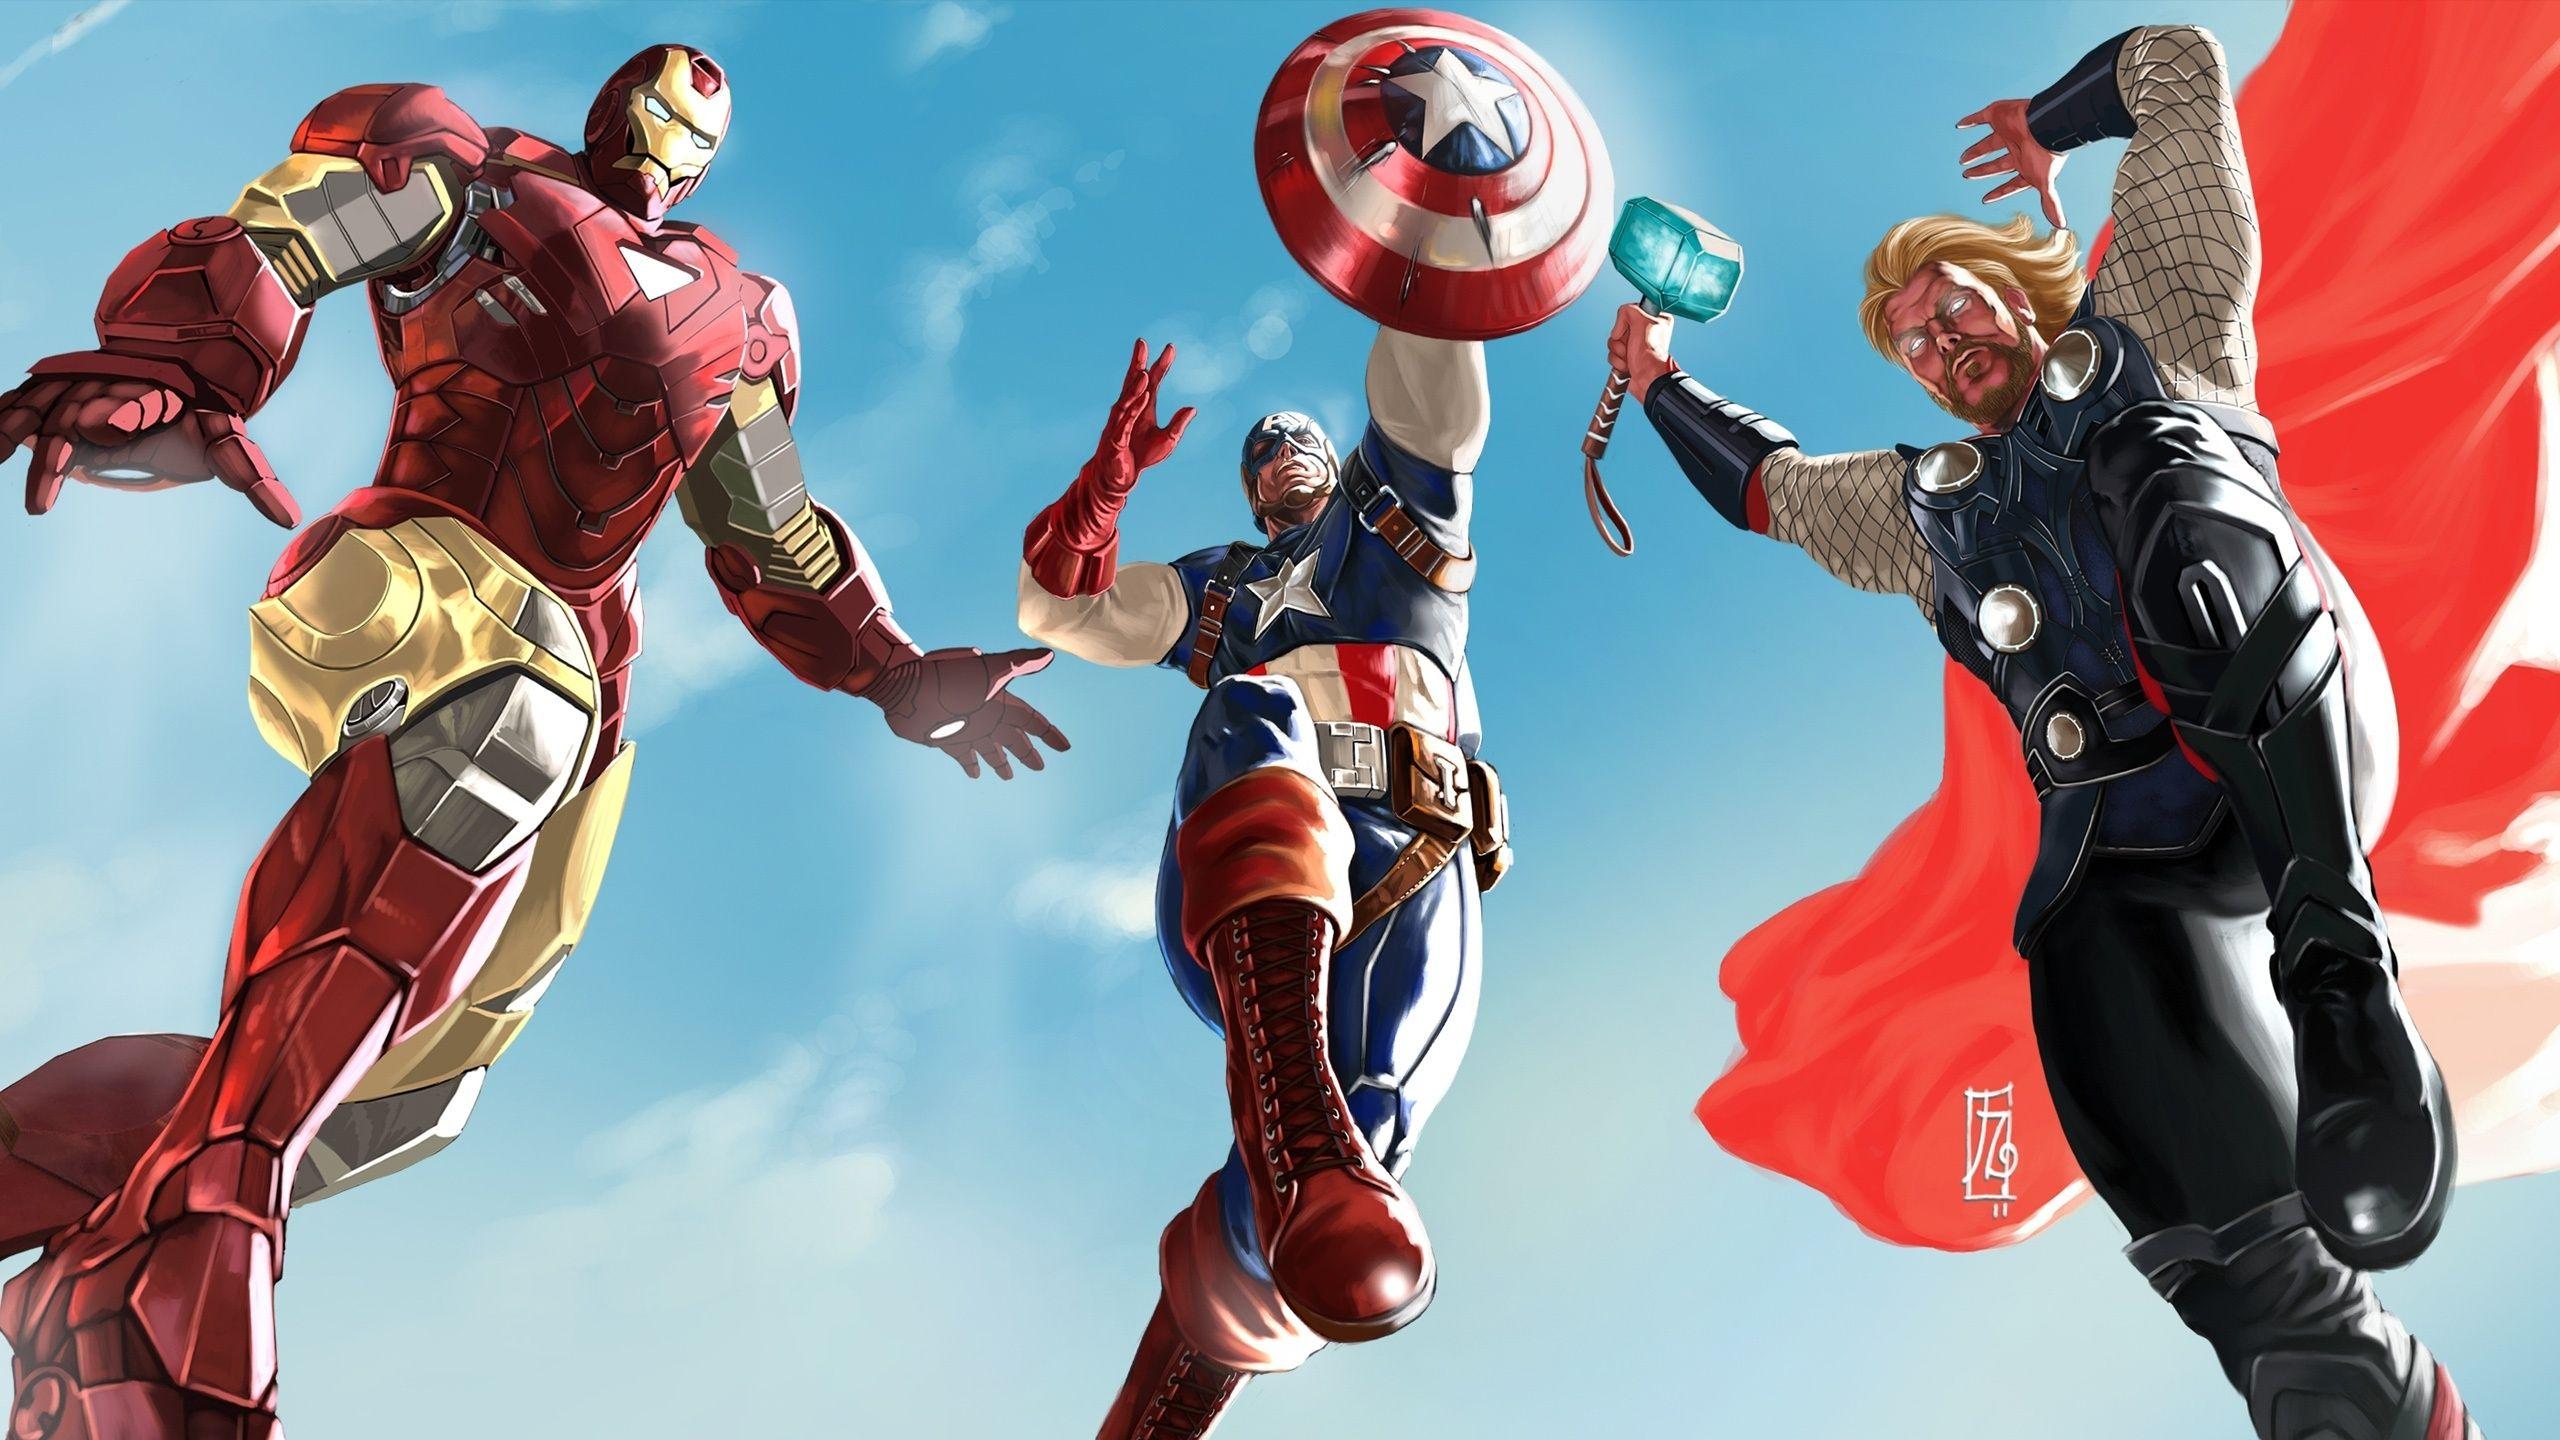 Art The Avengers Wallpaper